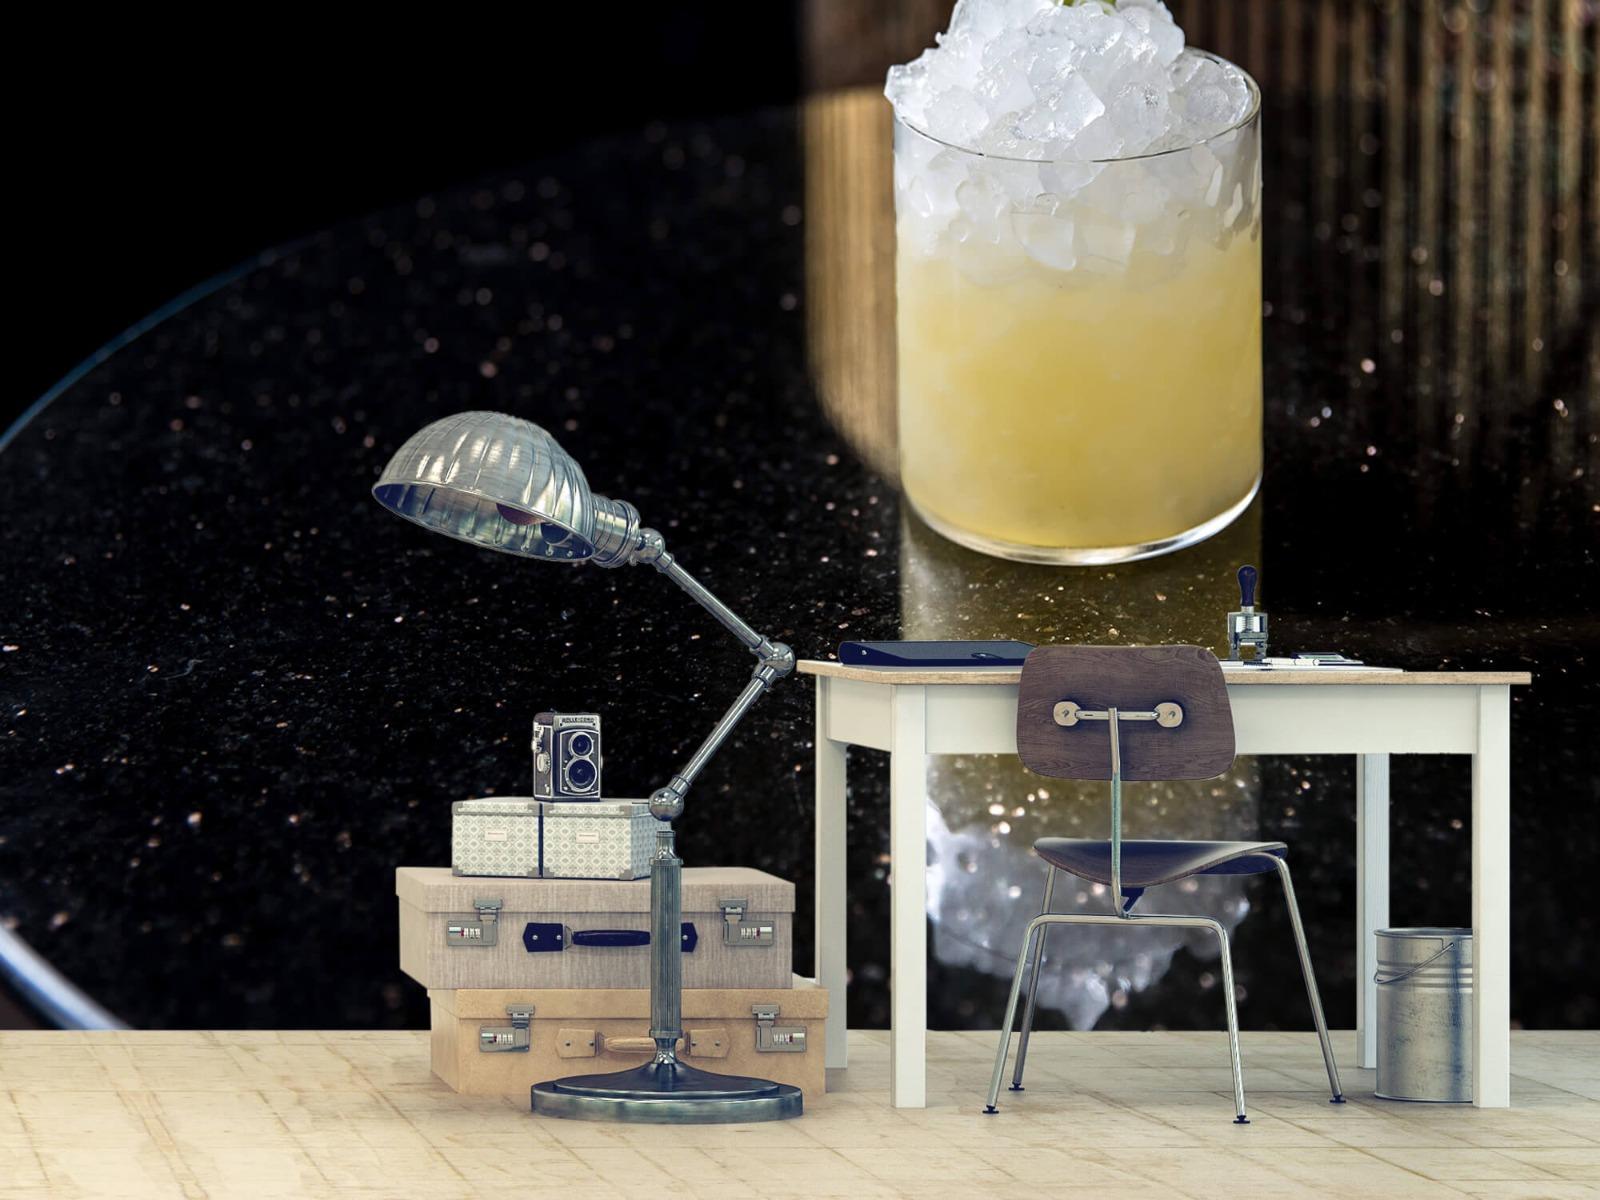 Overige - Luxe drankje - Keuken 9